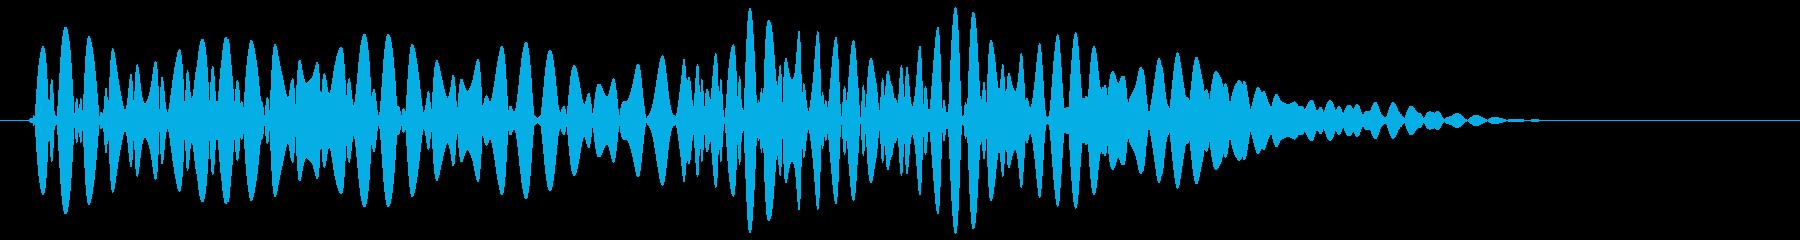 ポコッ(ボタン音・プッシュ音・決定音)の再生済みの波形